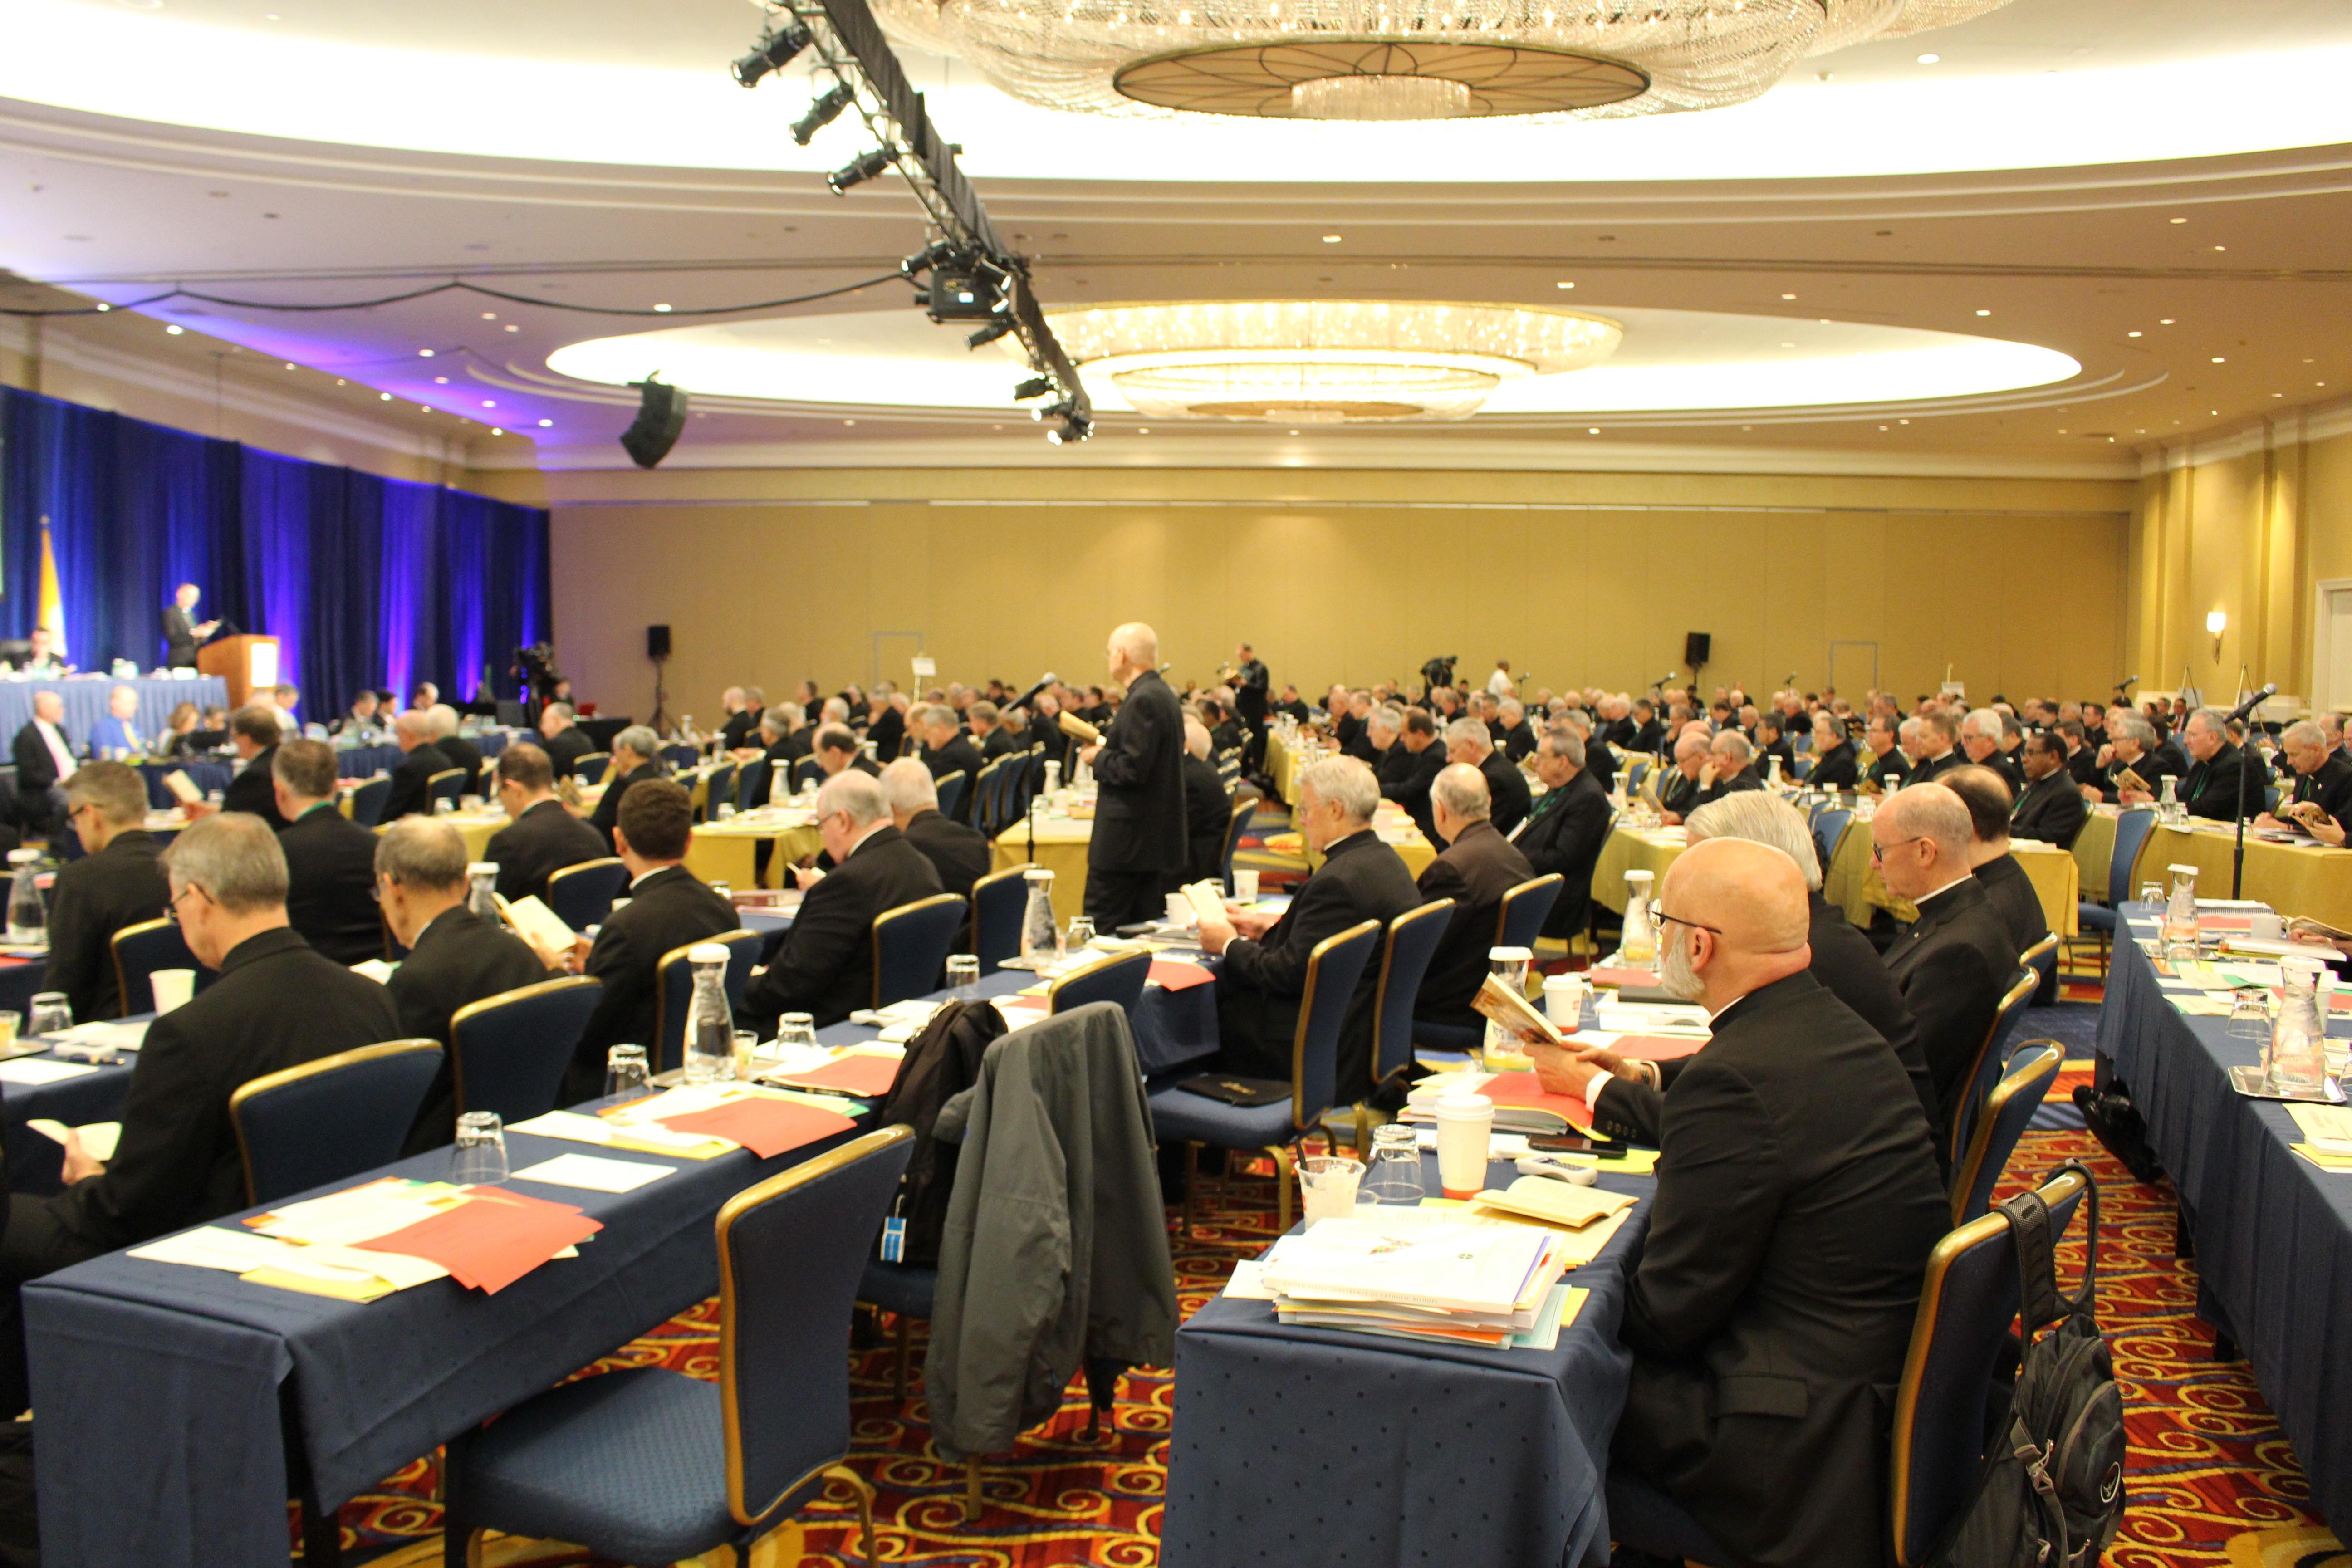 Asamblea de los Obispos de Estados Unidos © Enrique Soros